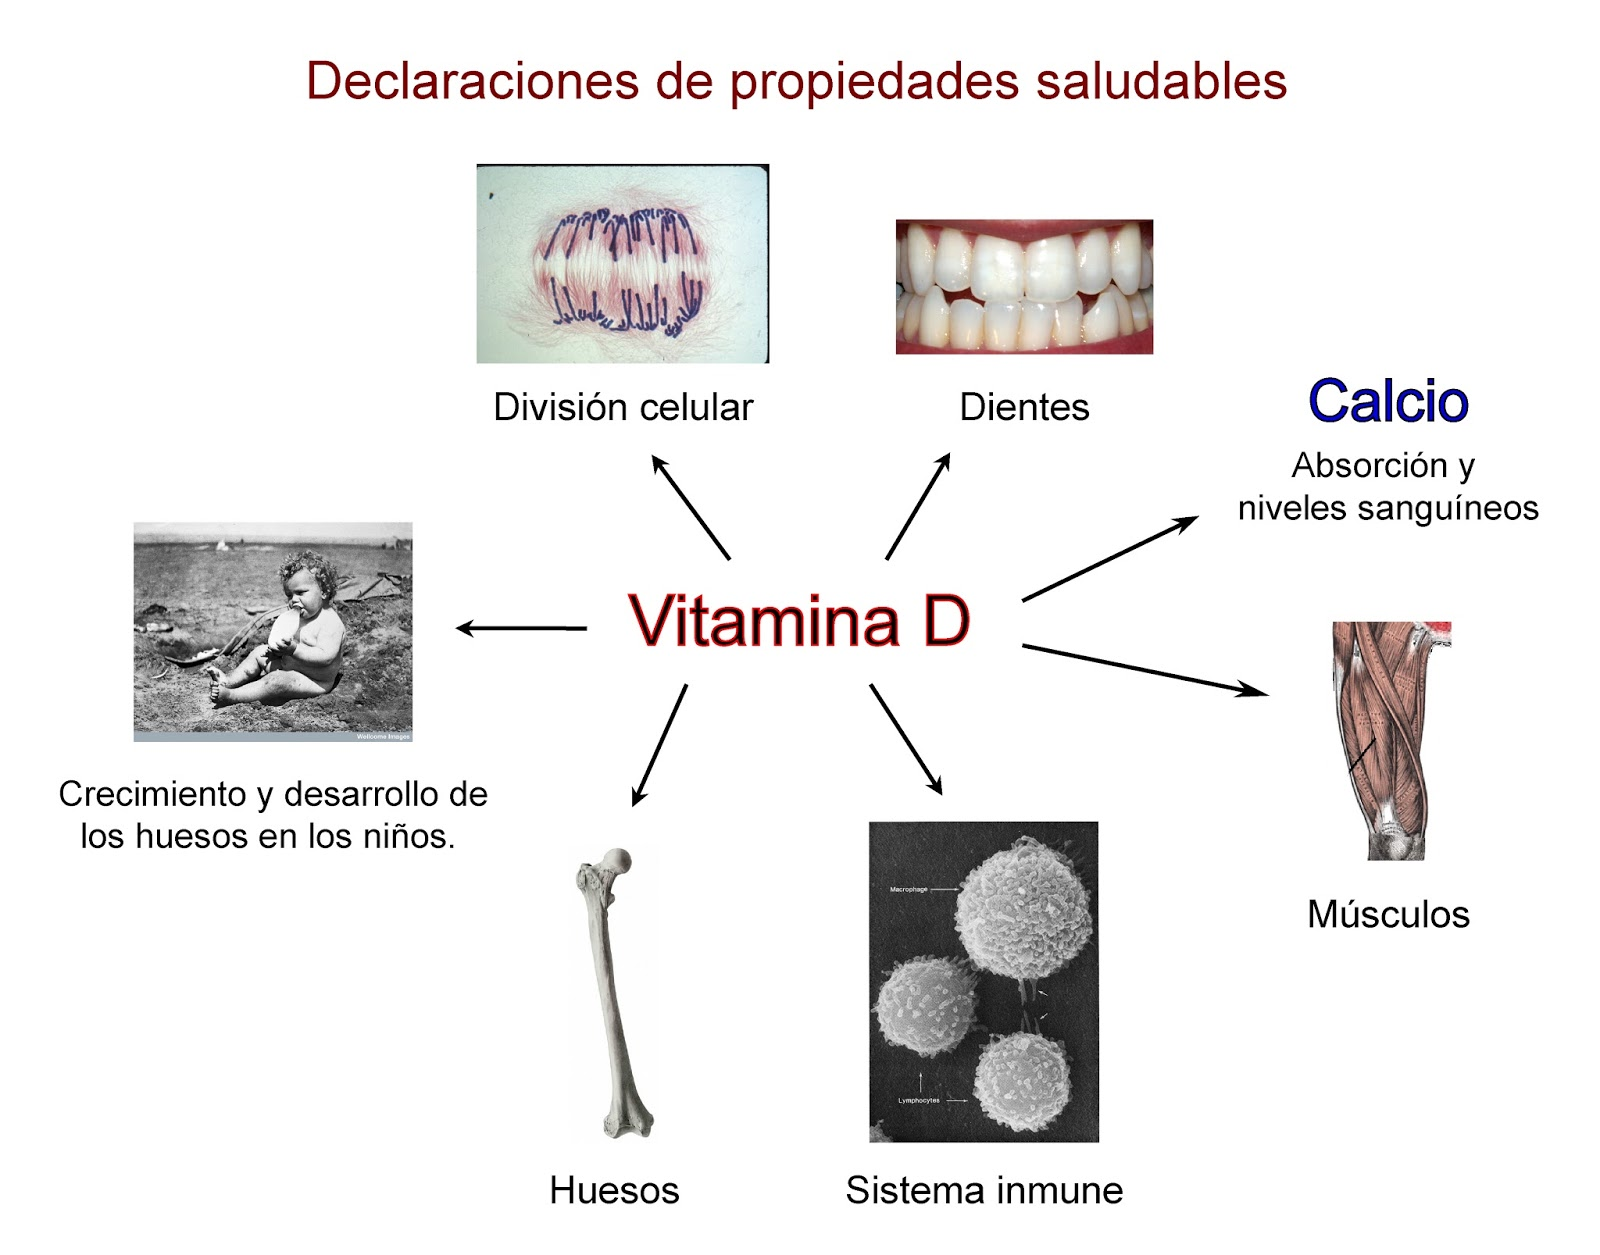 Declaraciones de salud para la vitamina D que pueden hacer los alimentos